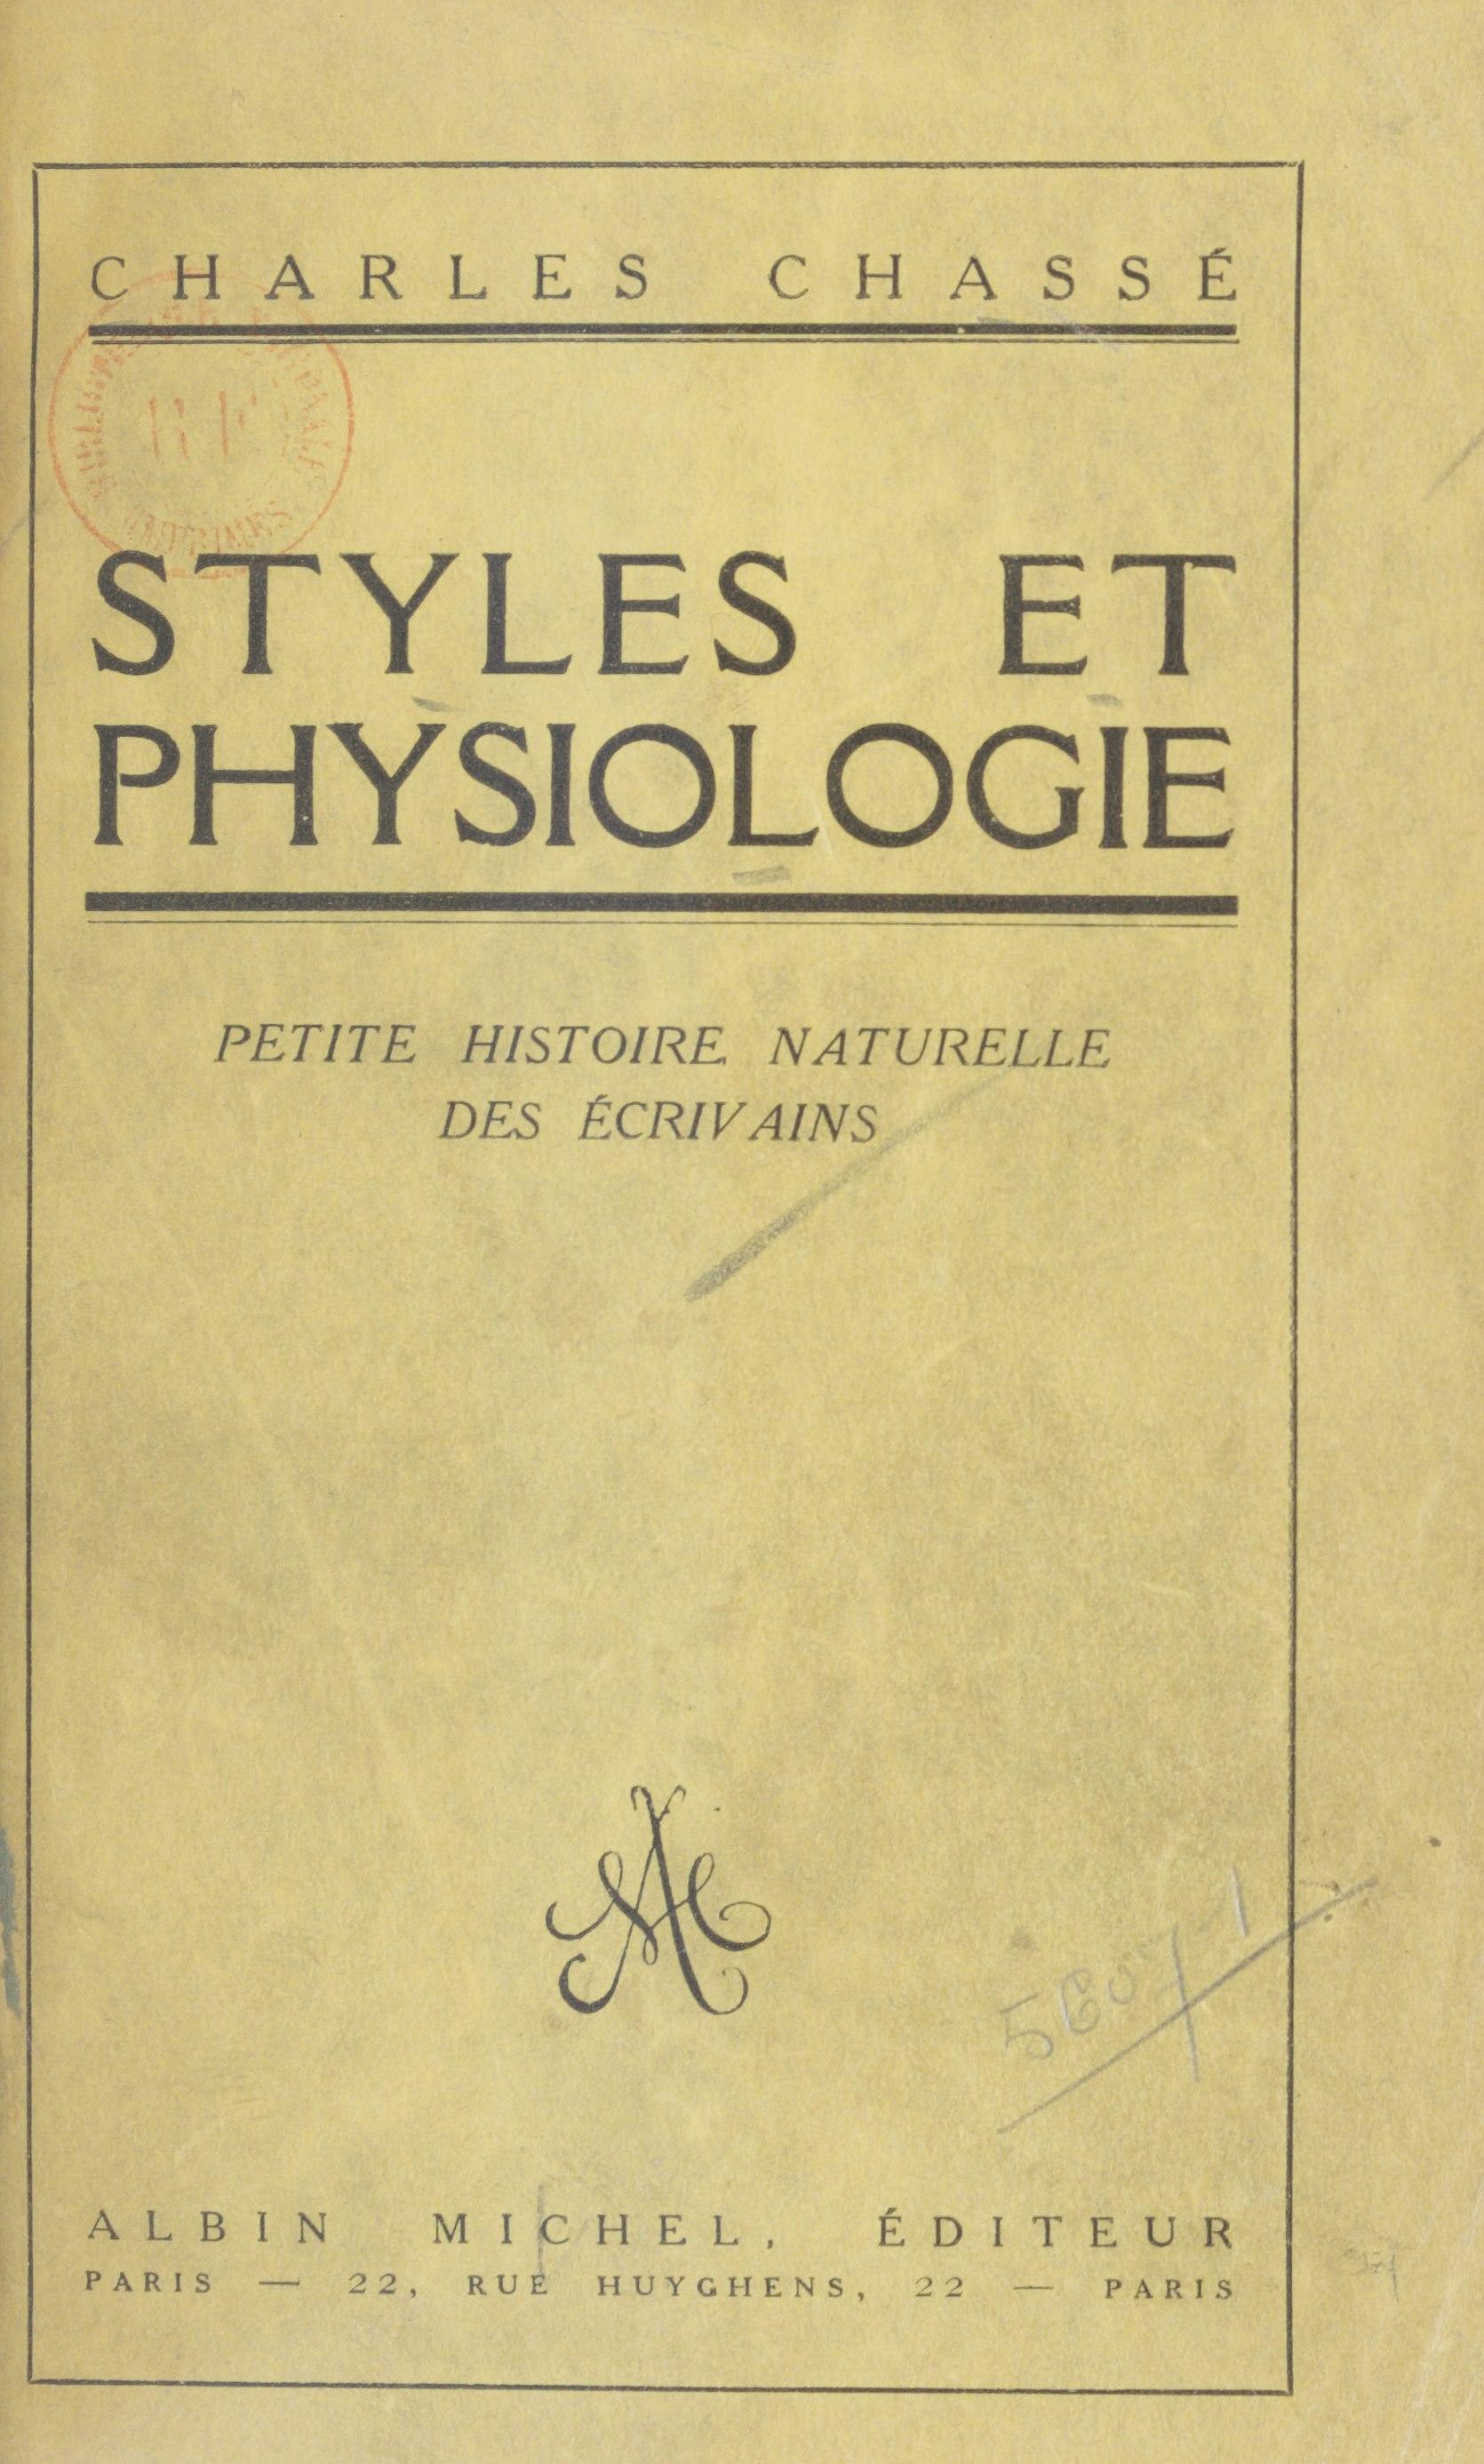 Styles et physiologie, PETITE HISTOIRE NATURELLE DES ÉCRIVAINS